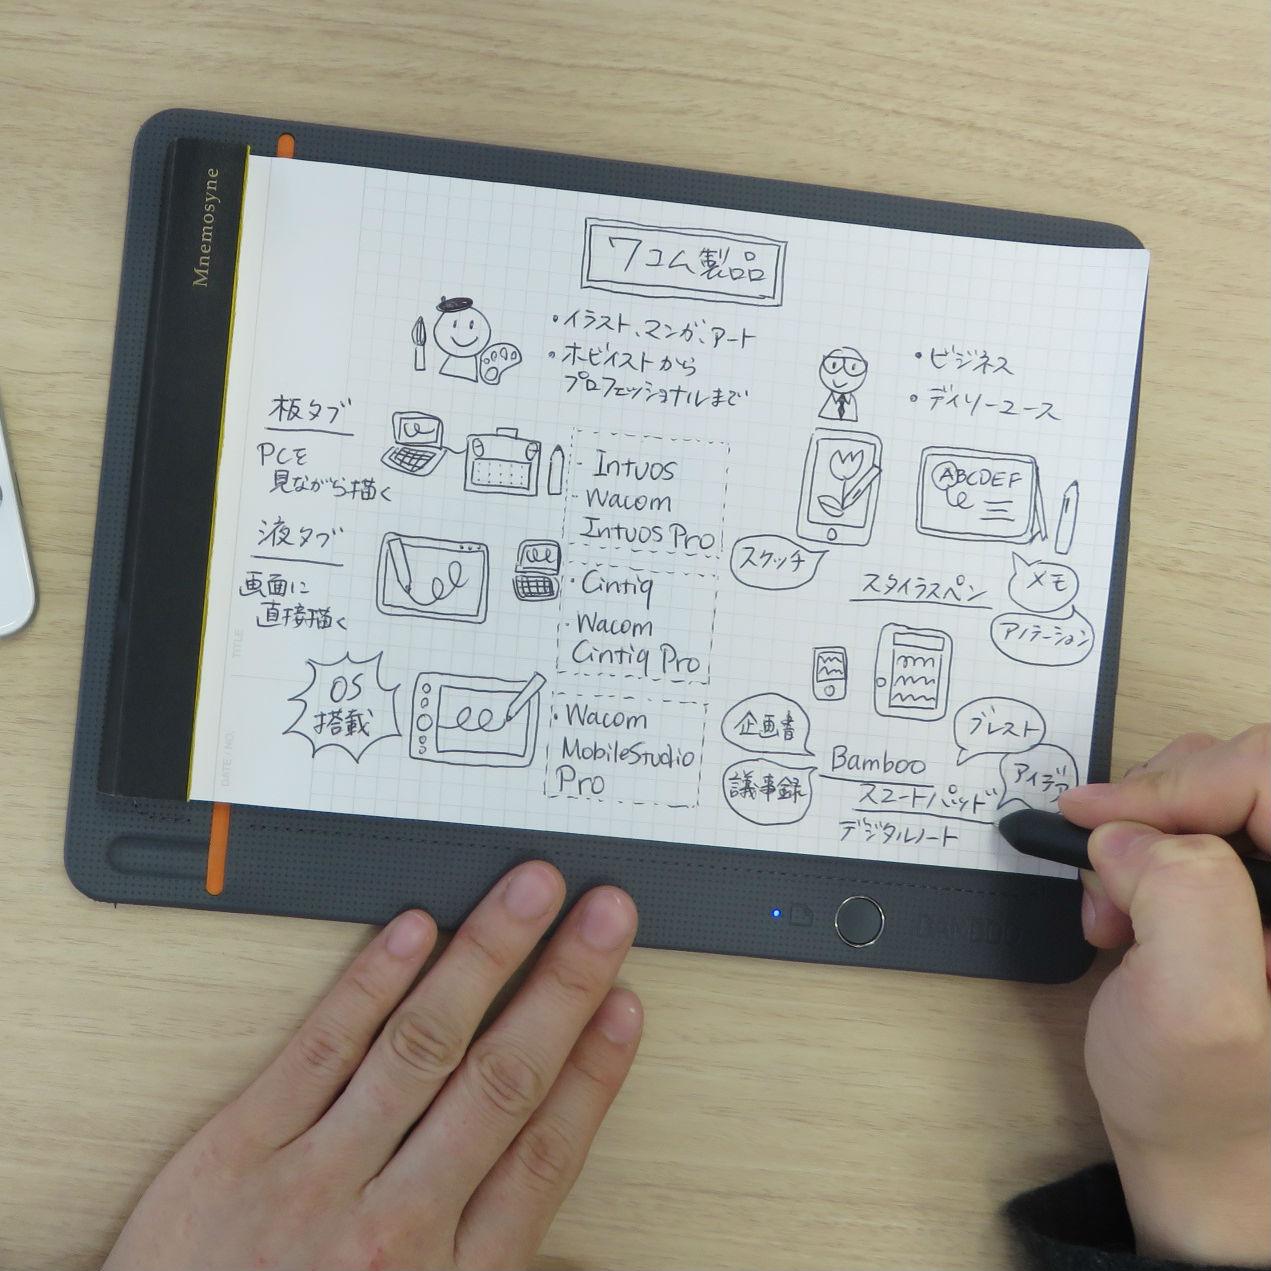 【2040年のモノ】はこう変わる。「手書き感」を残したままデジタル化した「ノート」